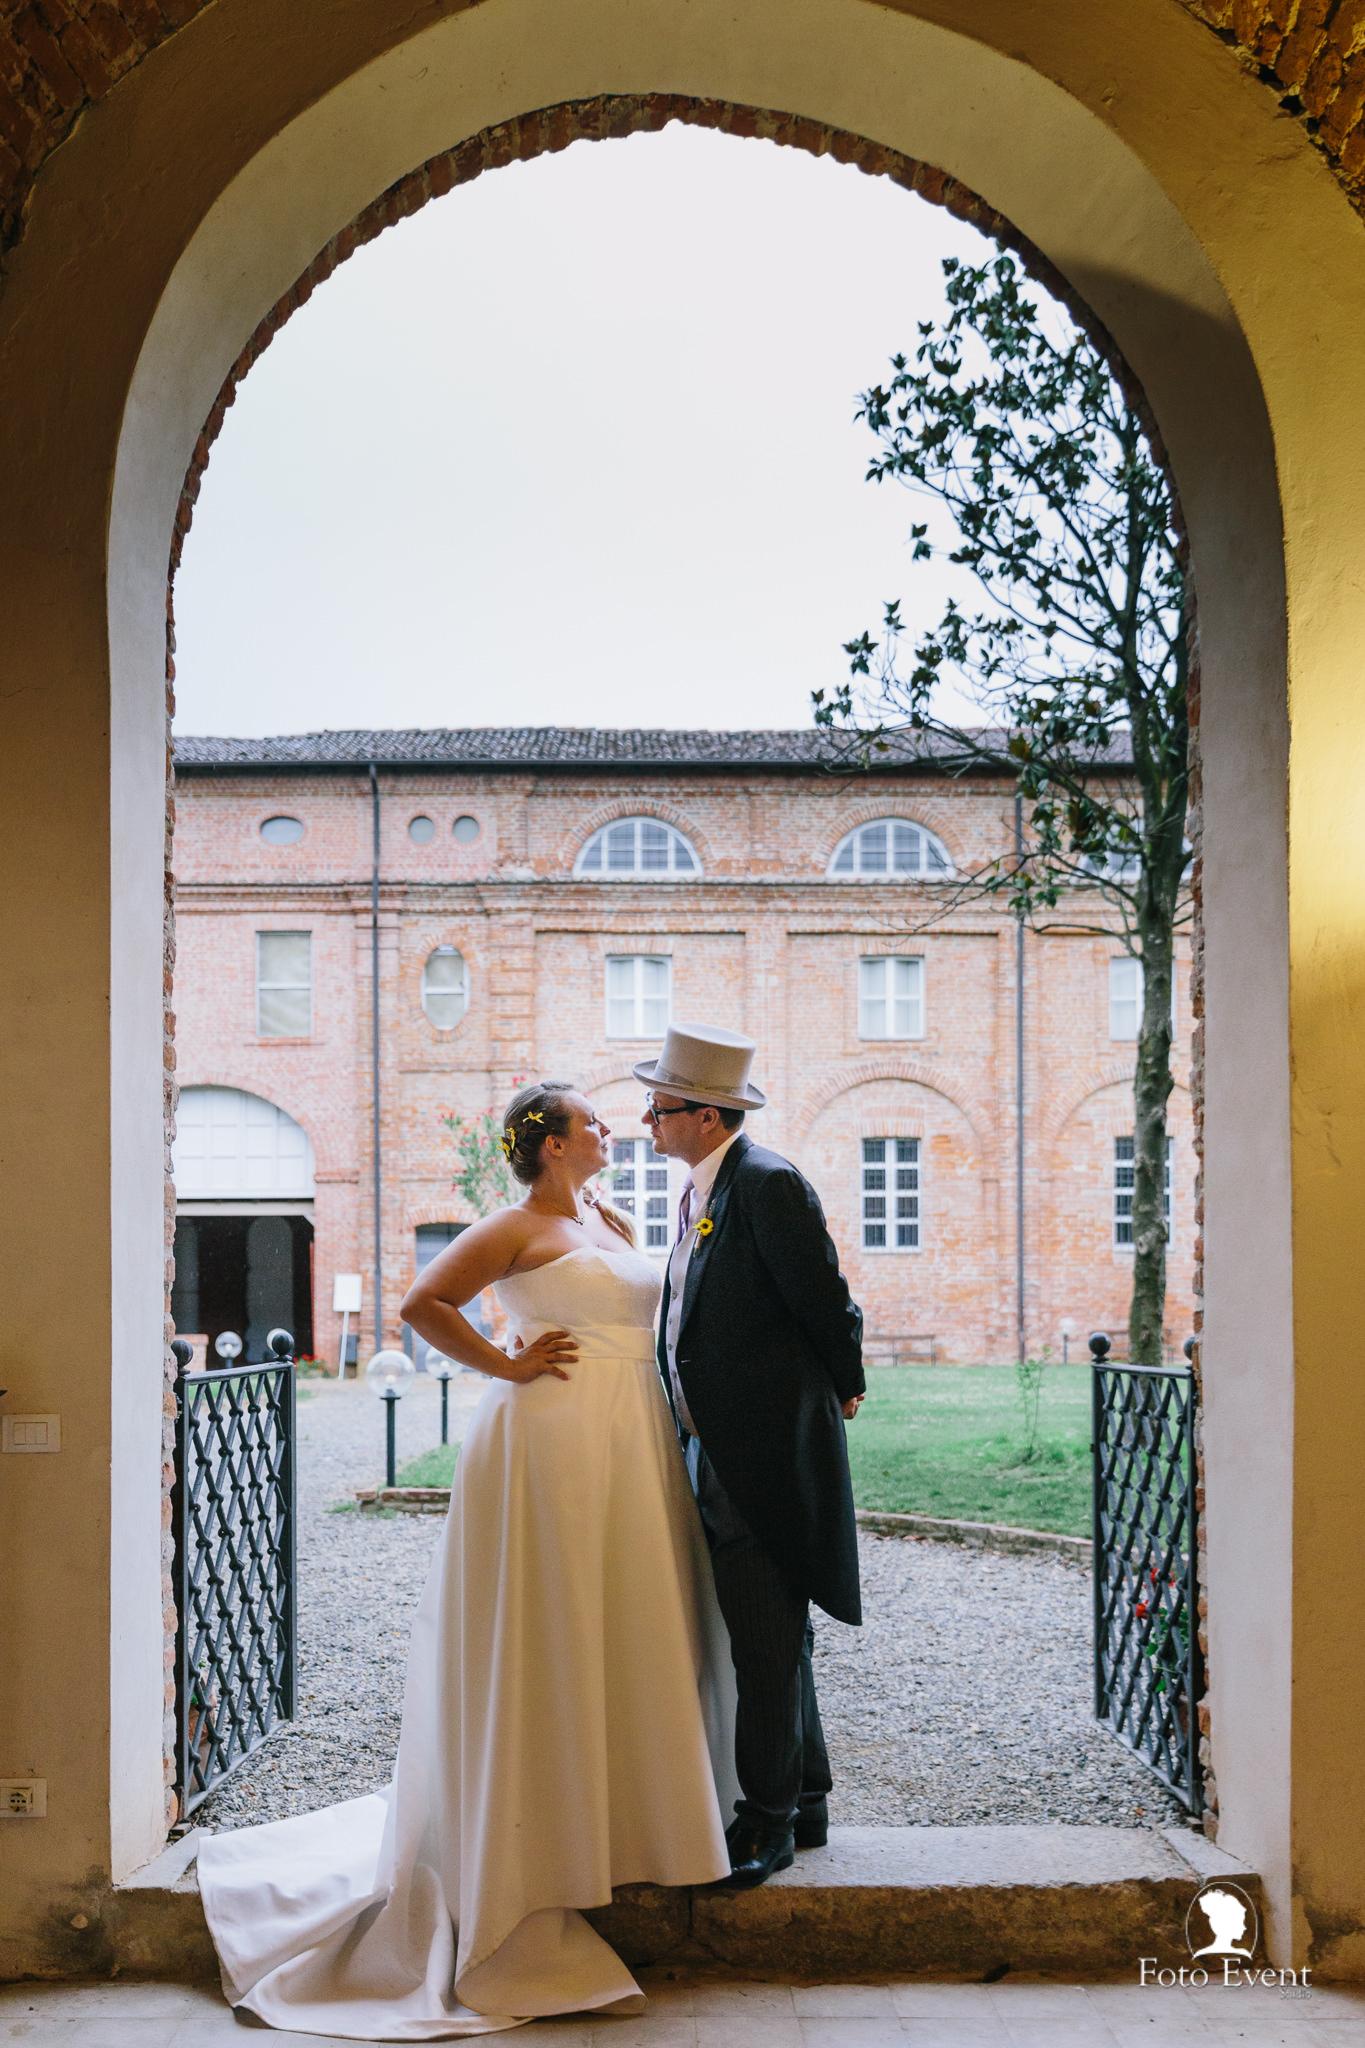 063-2019-07-27-Matrimonio-Valentina-e-Alessandro-Pettinari-5DE-1284